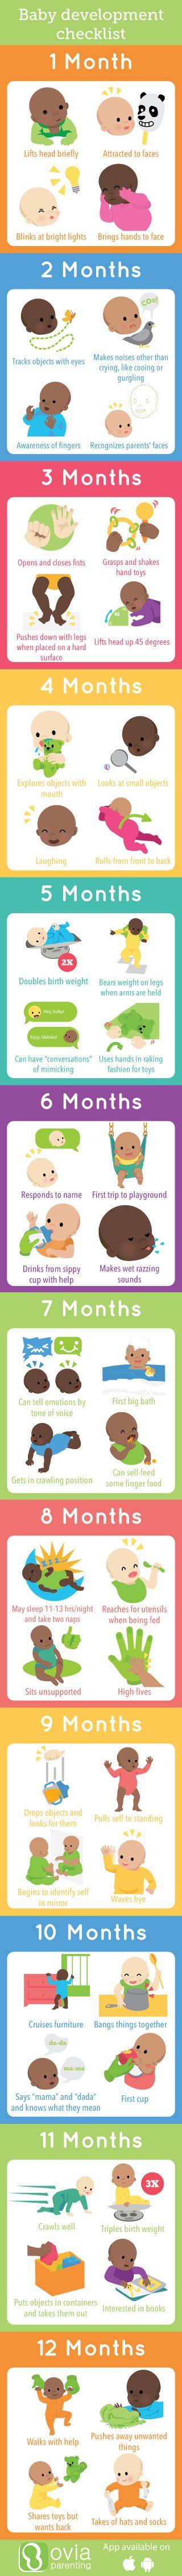 Ce que bébé fait à chaque mois